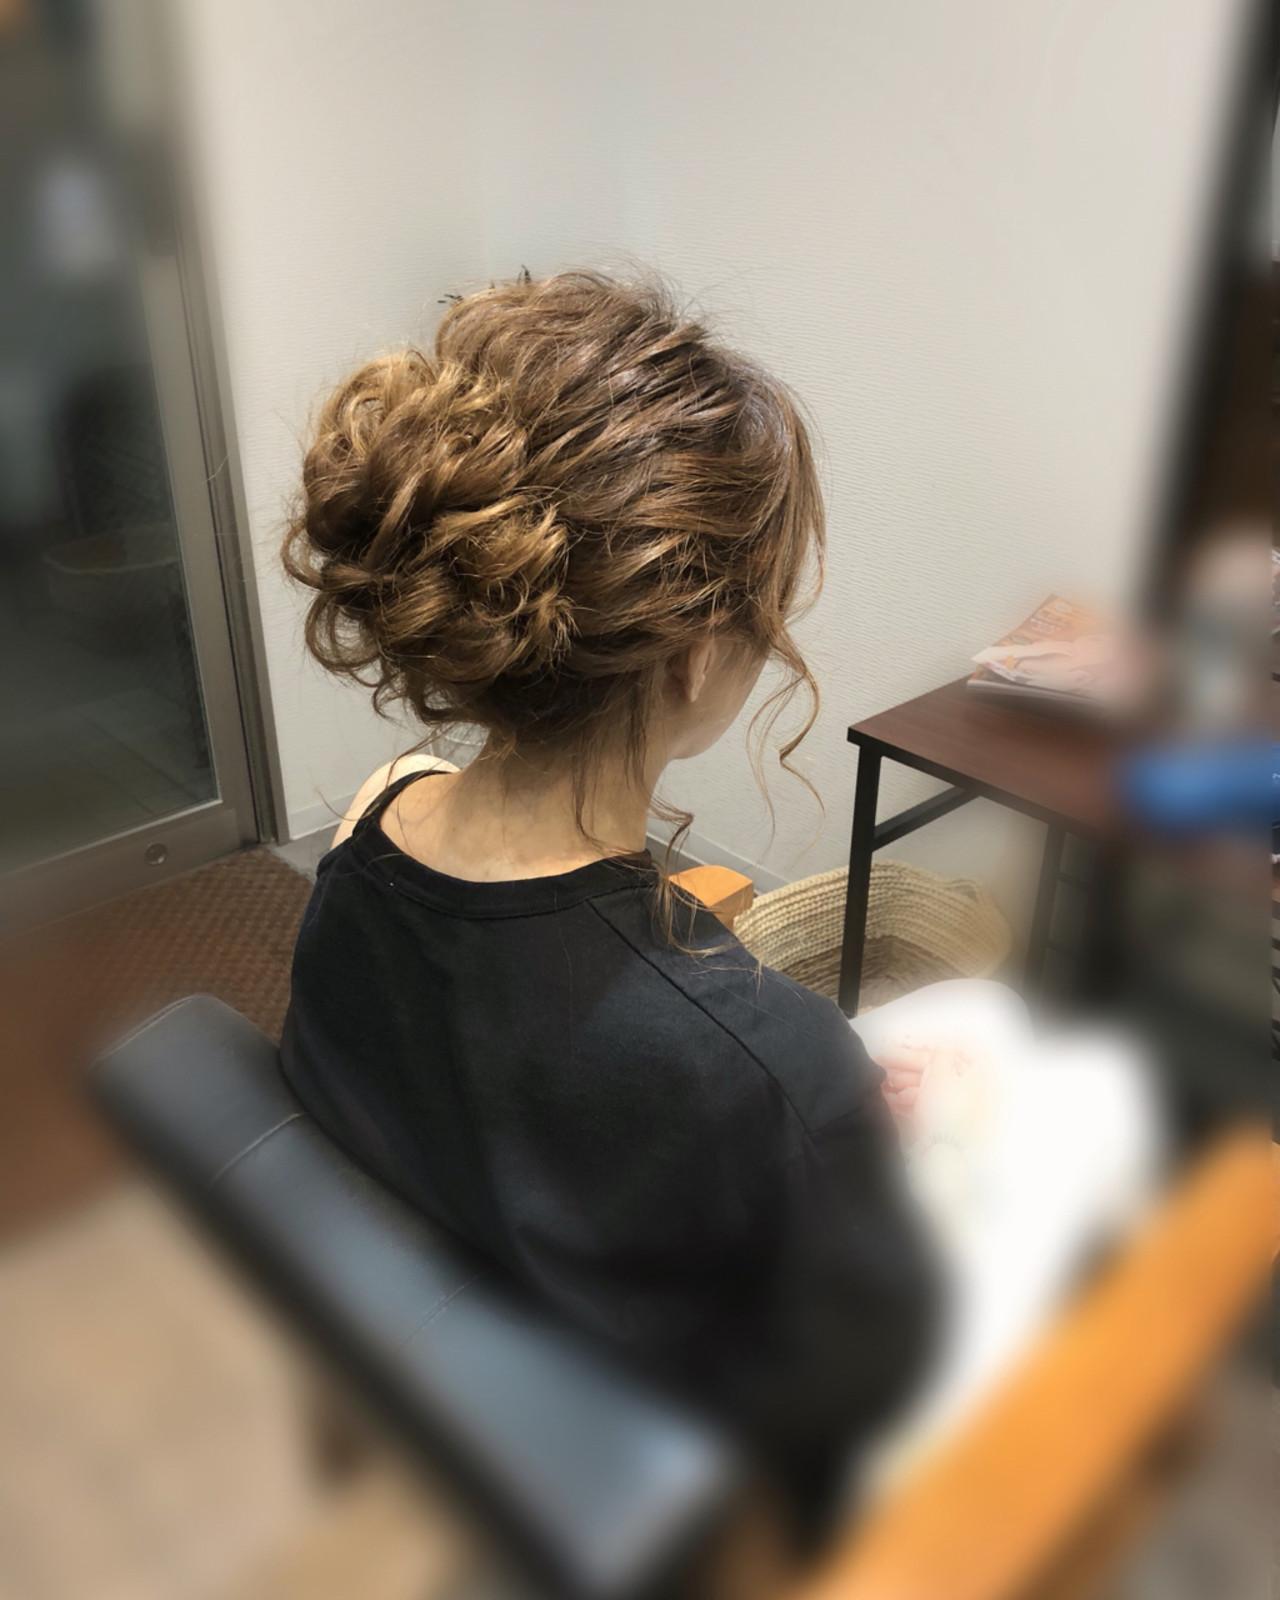 ヘアアレンジ ミディアム アップスタイル パーティ ヘアスタイルや髪型の写真・画像 | mai / HAIR SALON STELLA